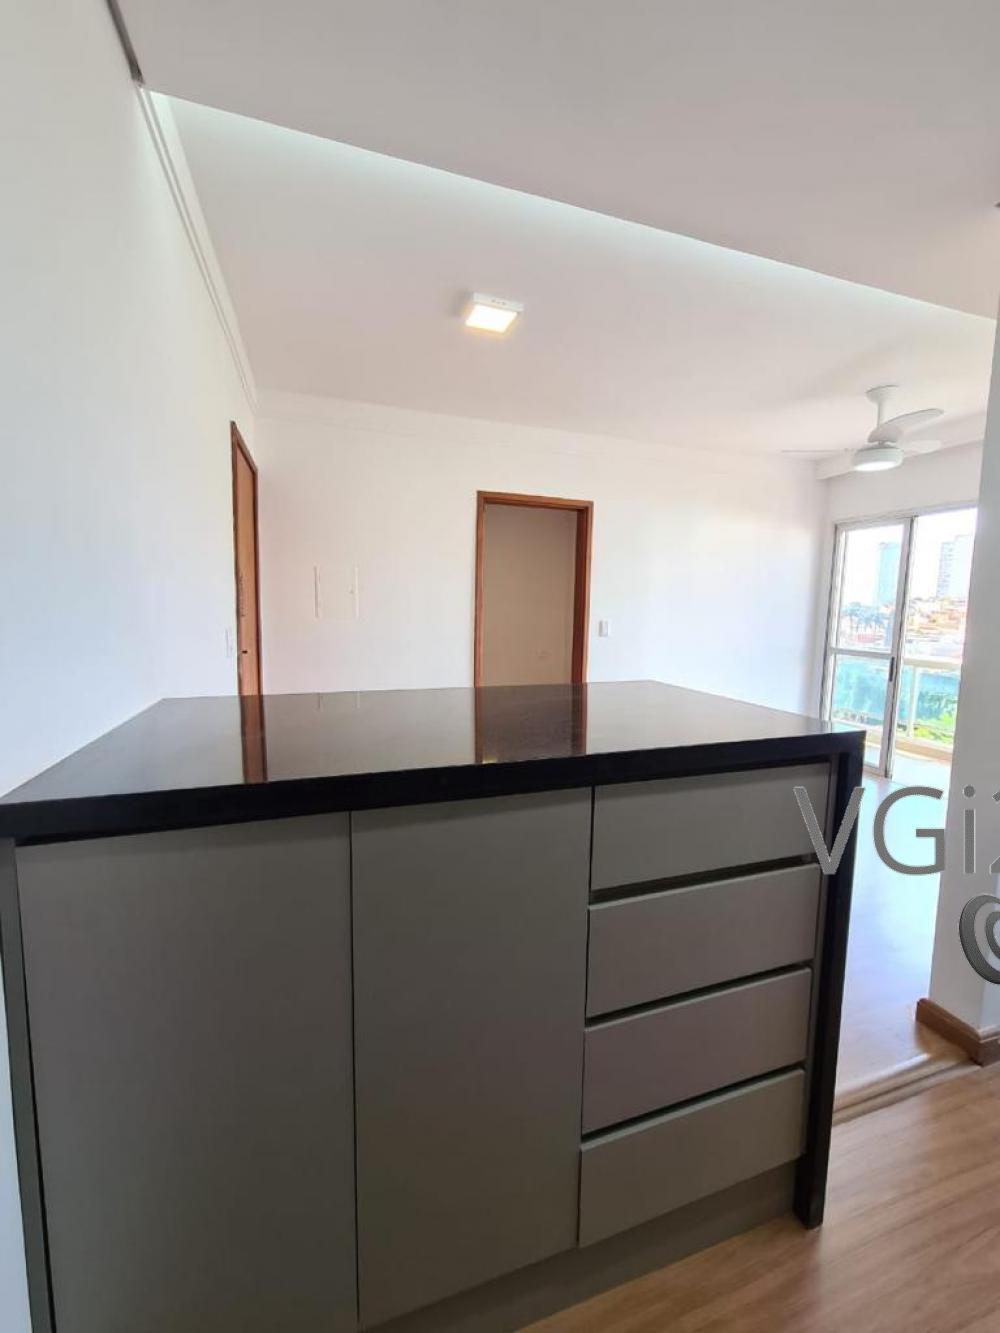 Comprar Apartamento / Padrão em Ribeirão Preto R$ 215.000,00 - Foto 8